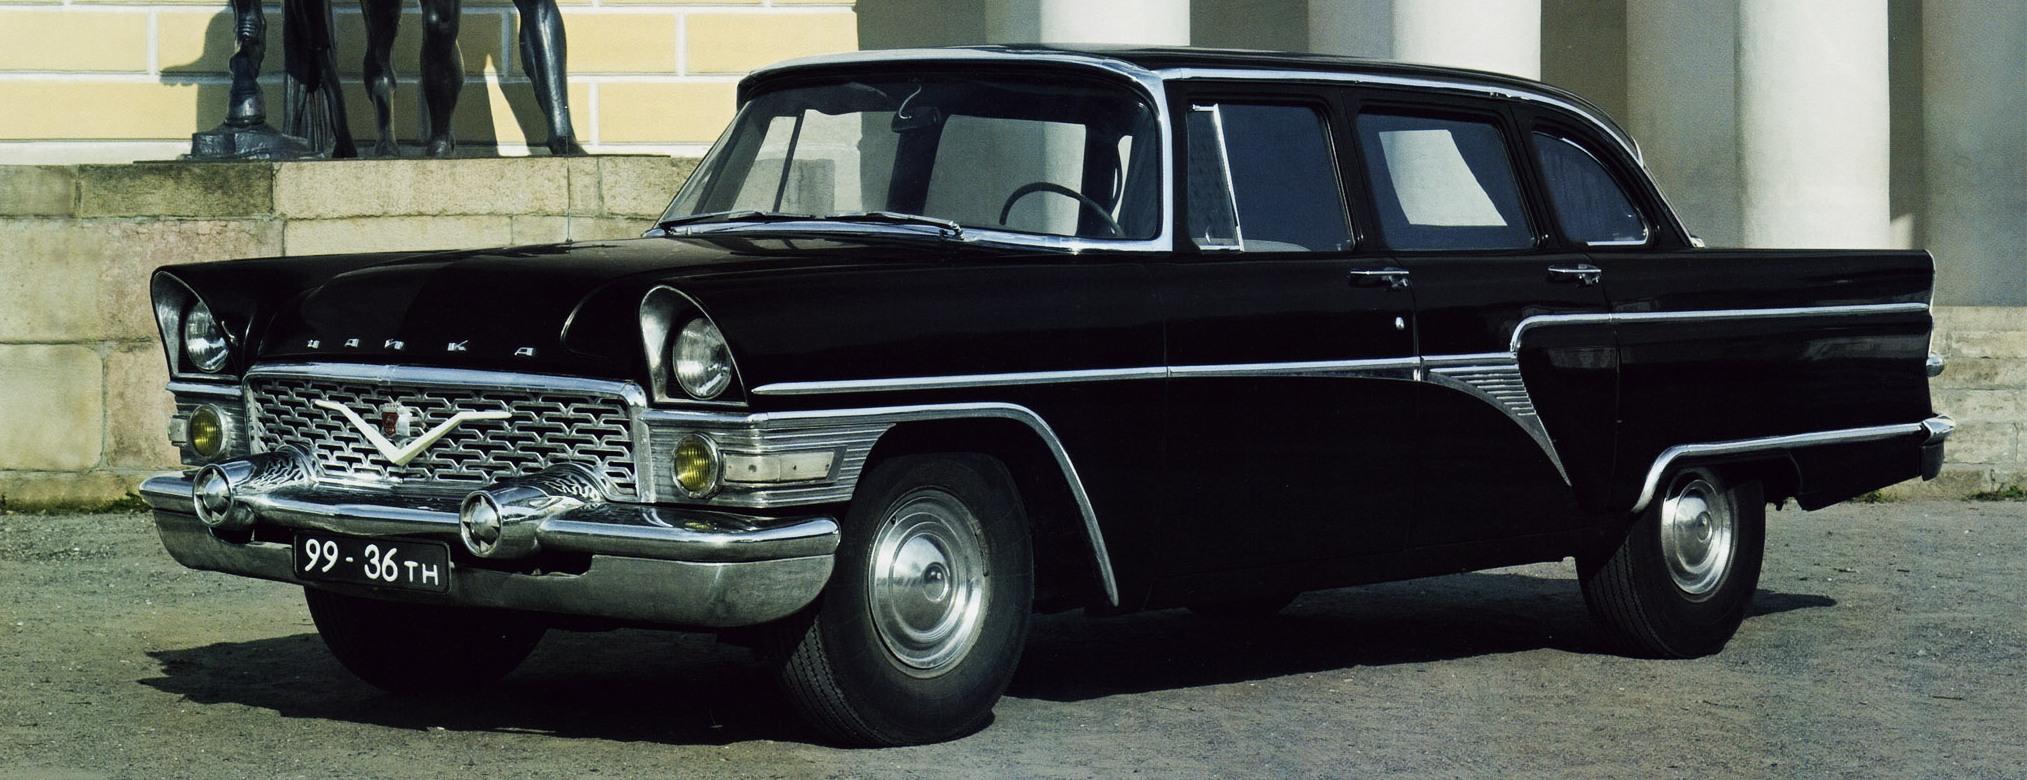 gaz_13-csajka-1959-81_r6.jpg